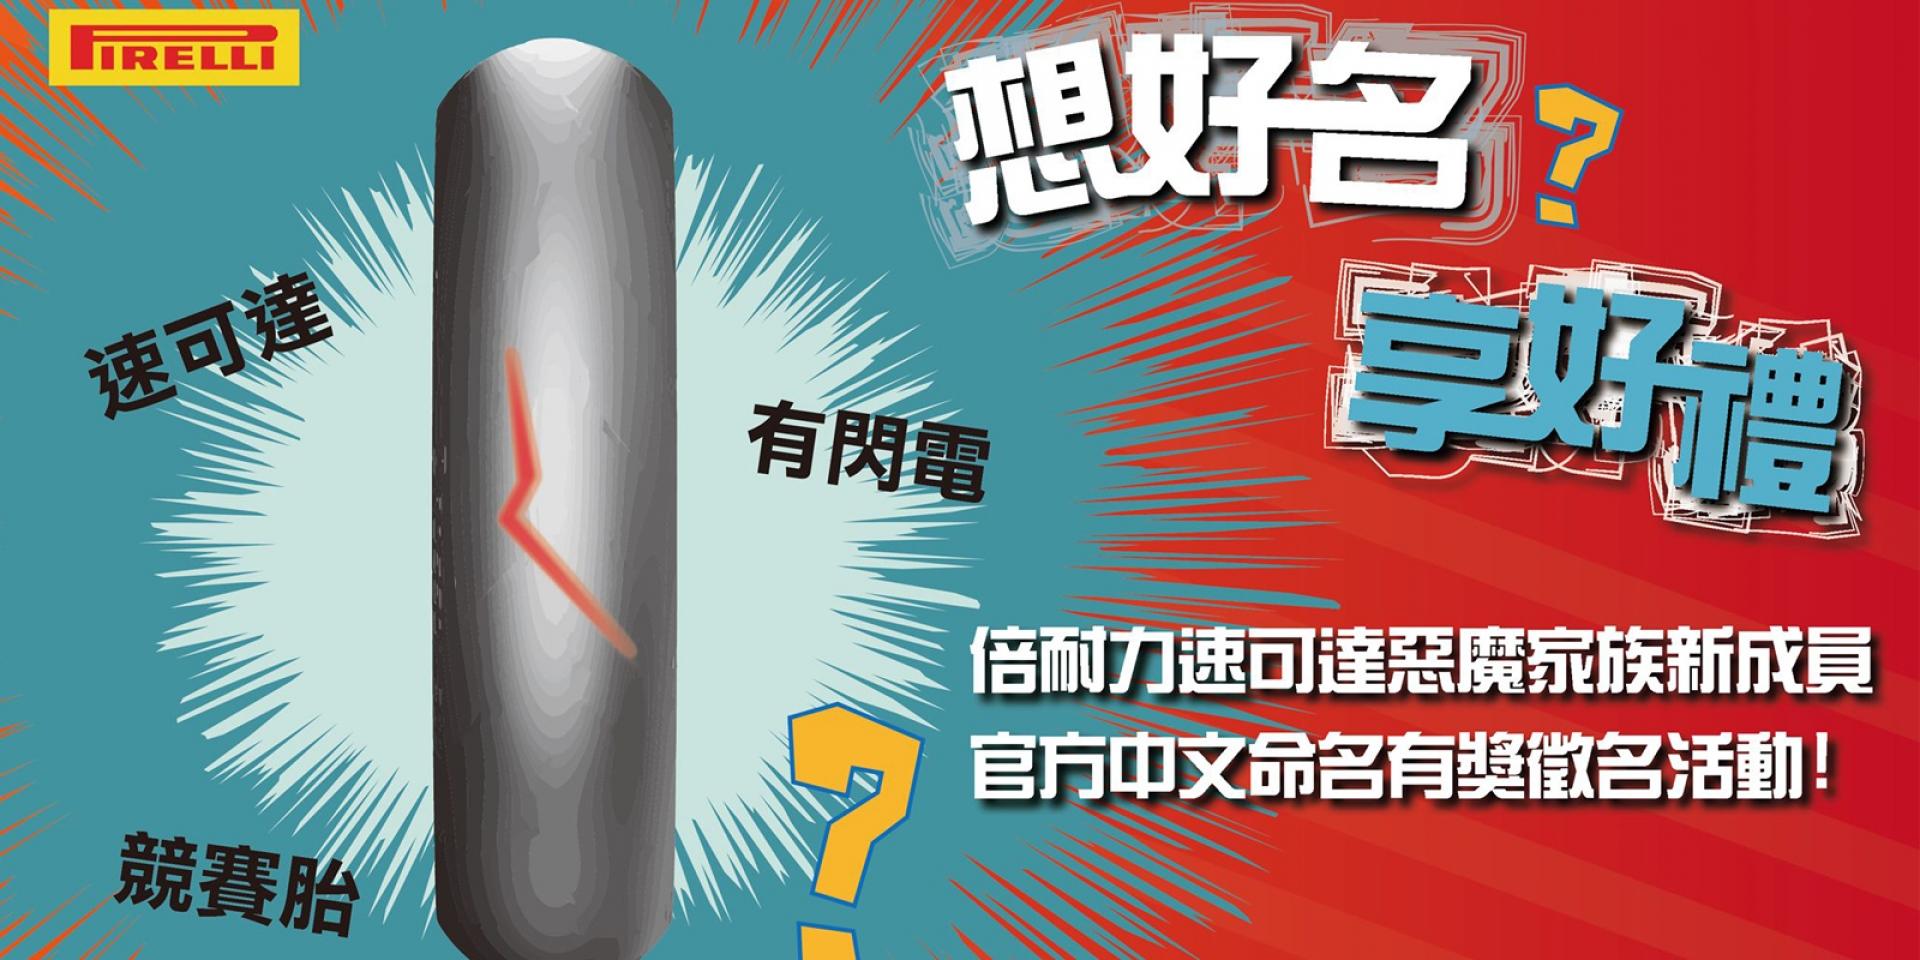 """官方新聞稿。想好名、享好禮!倍耐力新成員""""中文命名""""活動網路開跑"""